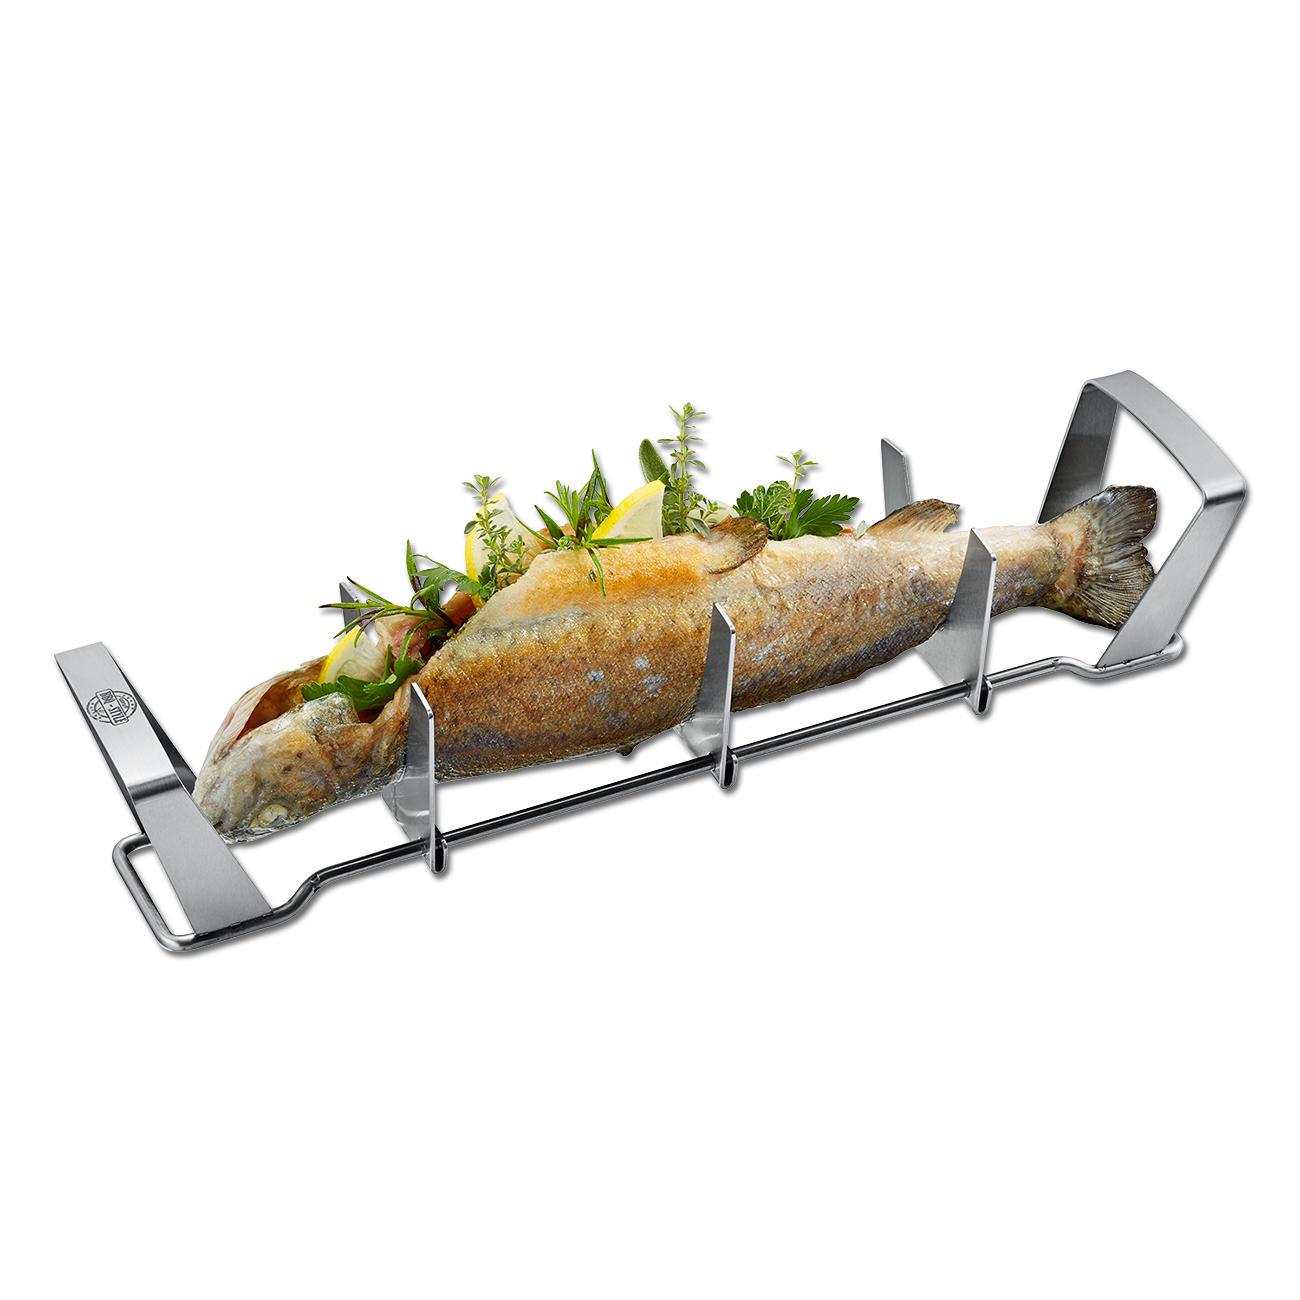 Grille BBQ à poisson Gefu® | 3 Jahre Garantie | Pro Idee